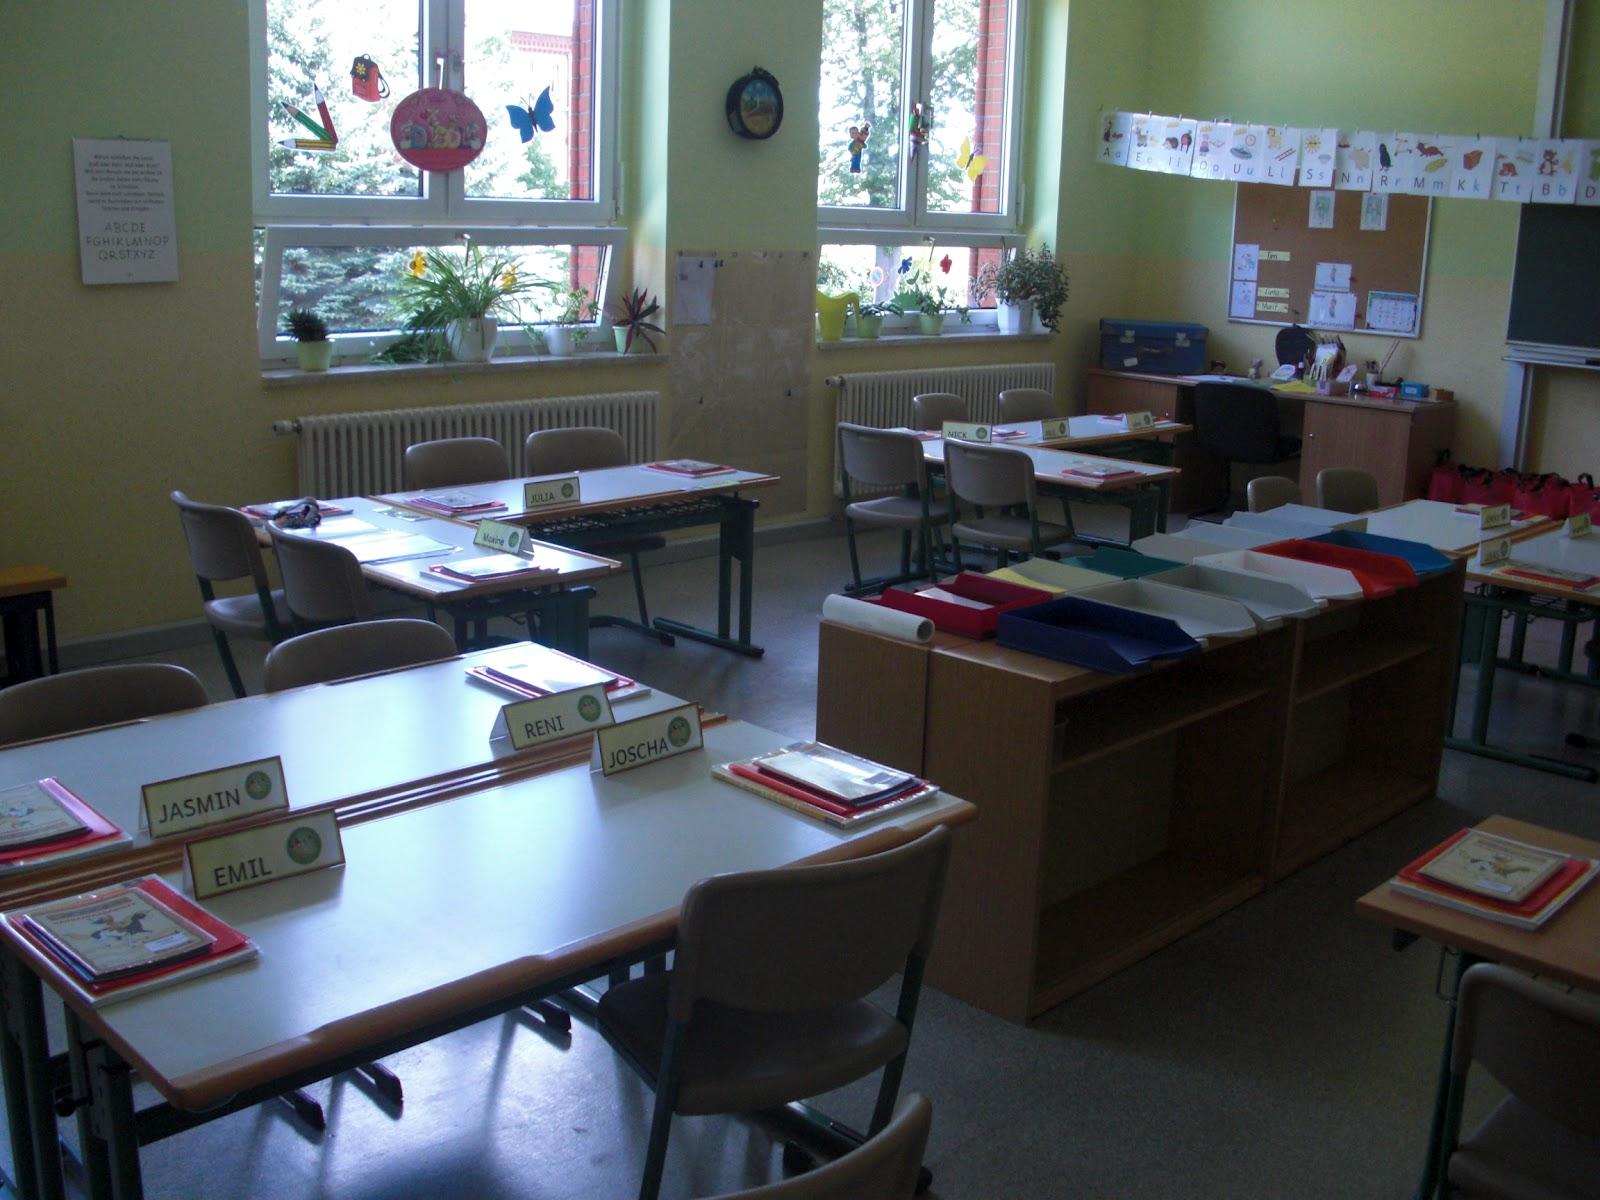 Arnienotizblog august 2012 for Schreibtisch grundschule